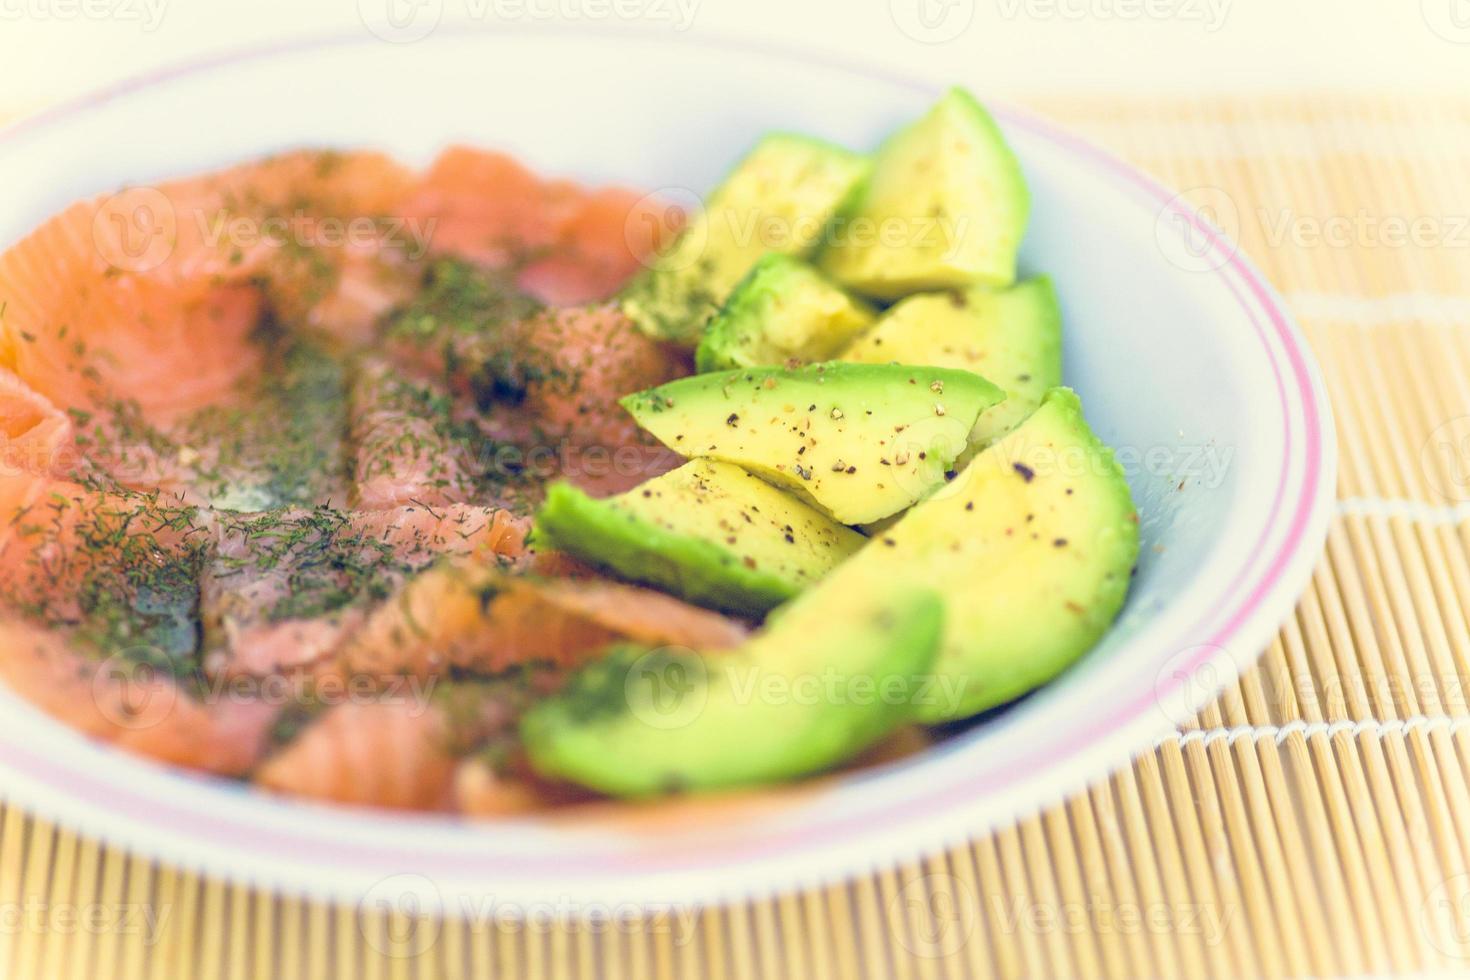 hälsosamma recept: avokado, rökt lax och kryddor foto